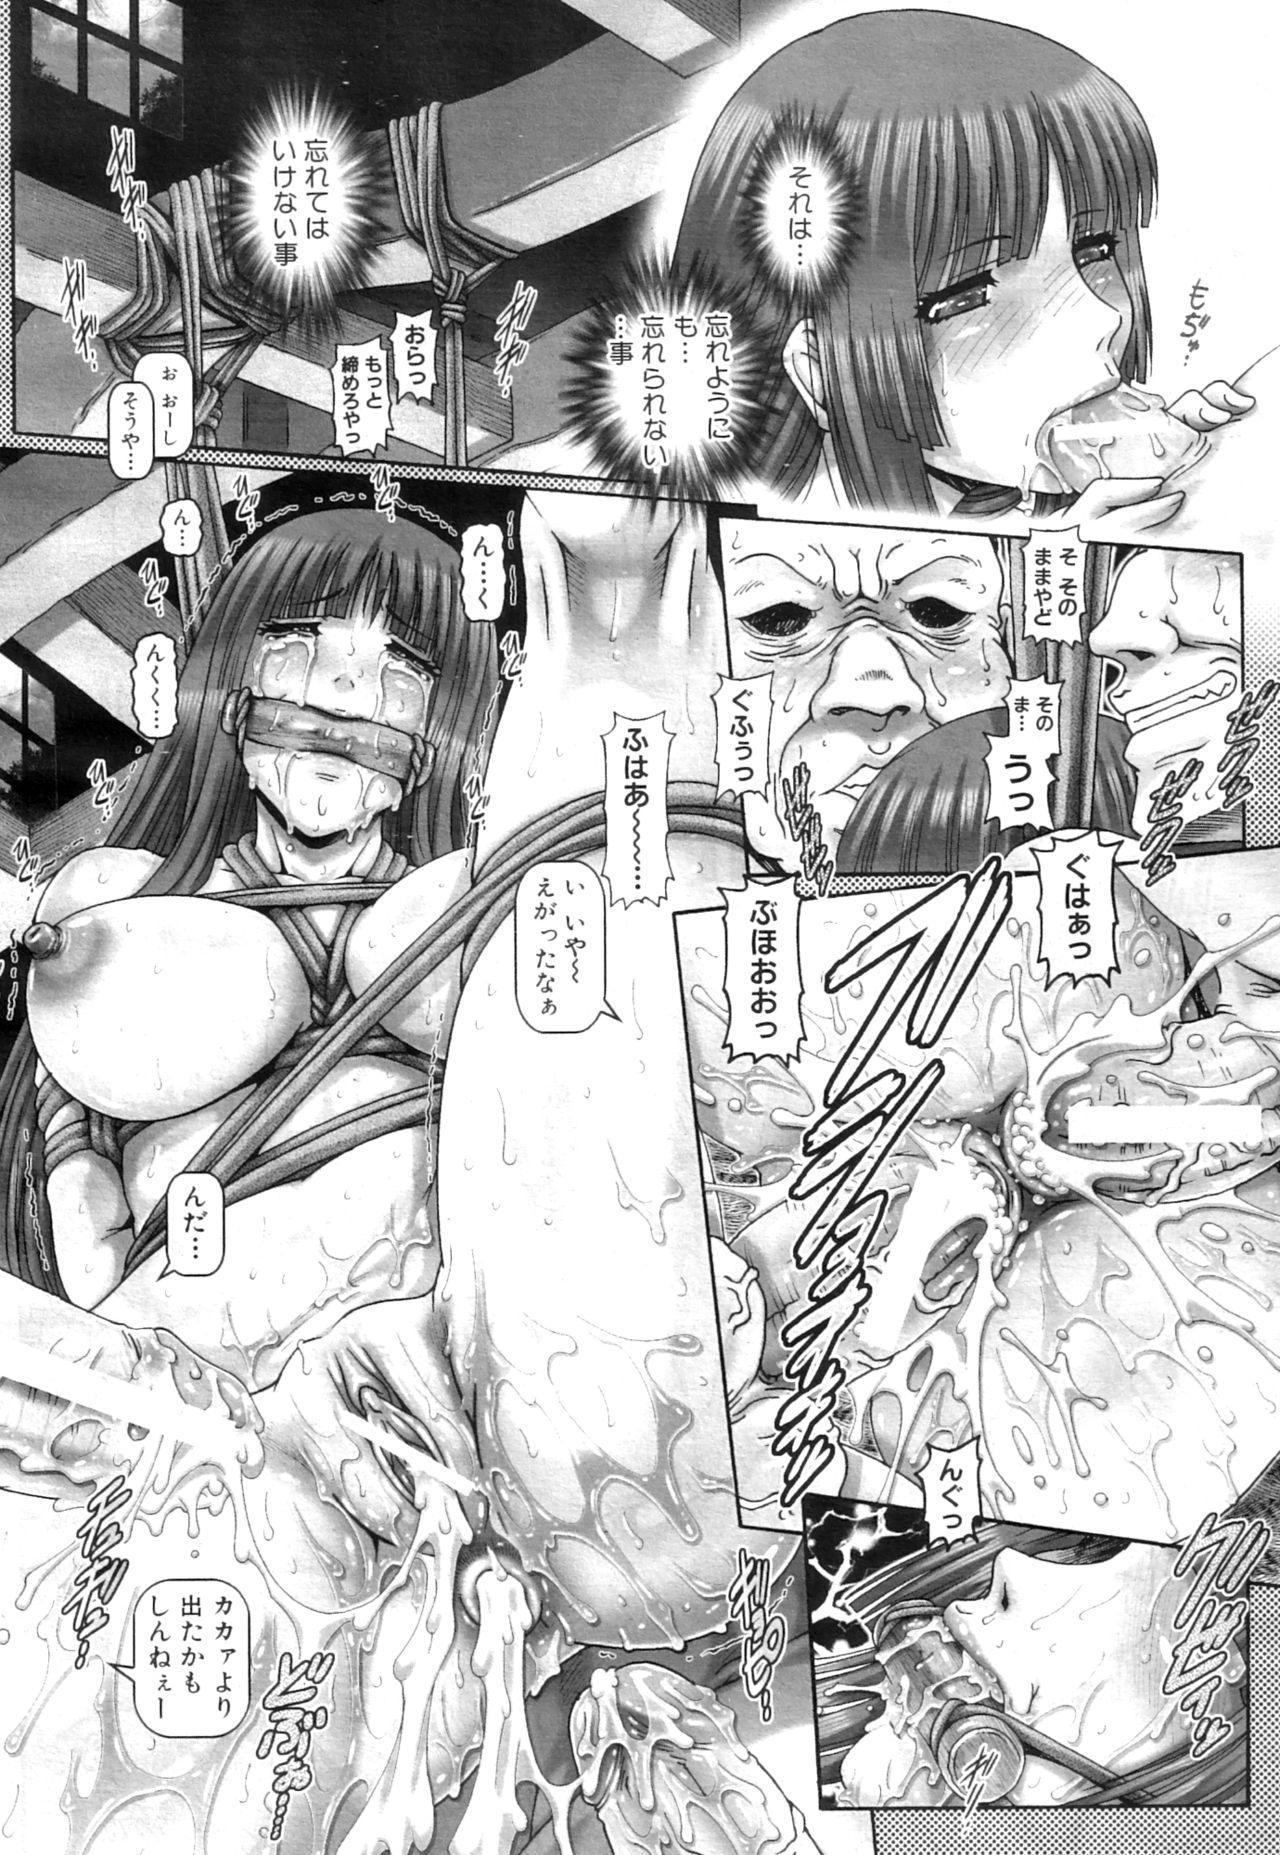 Ayakashiyakata no Tamahime 86